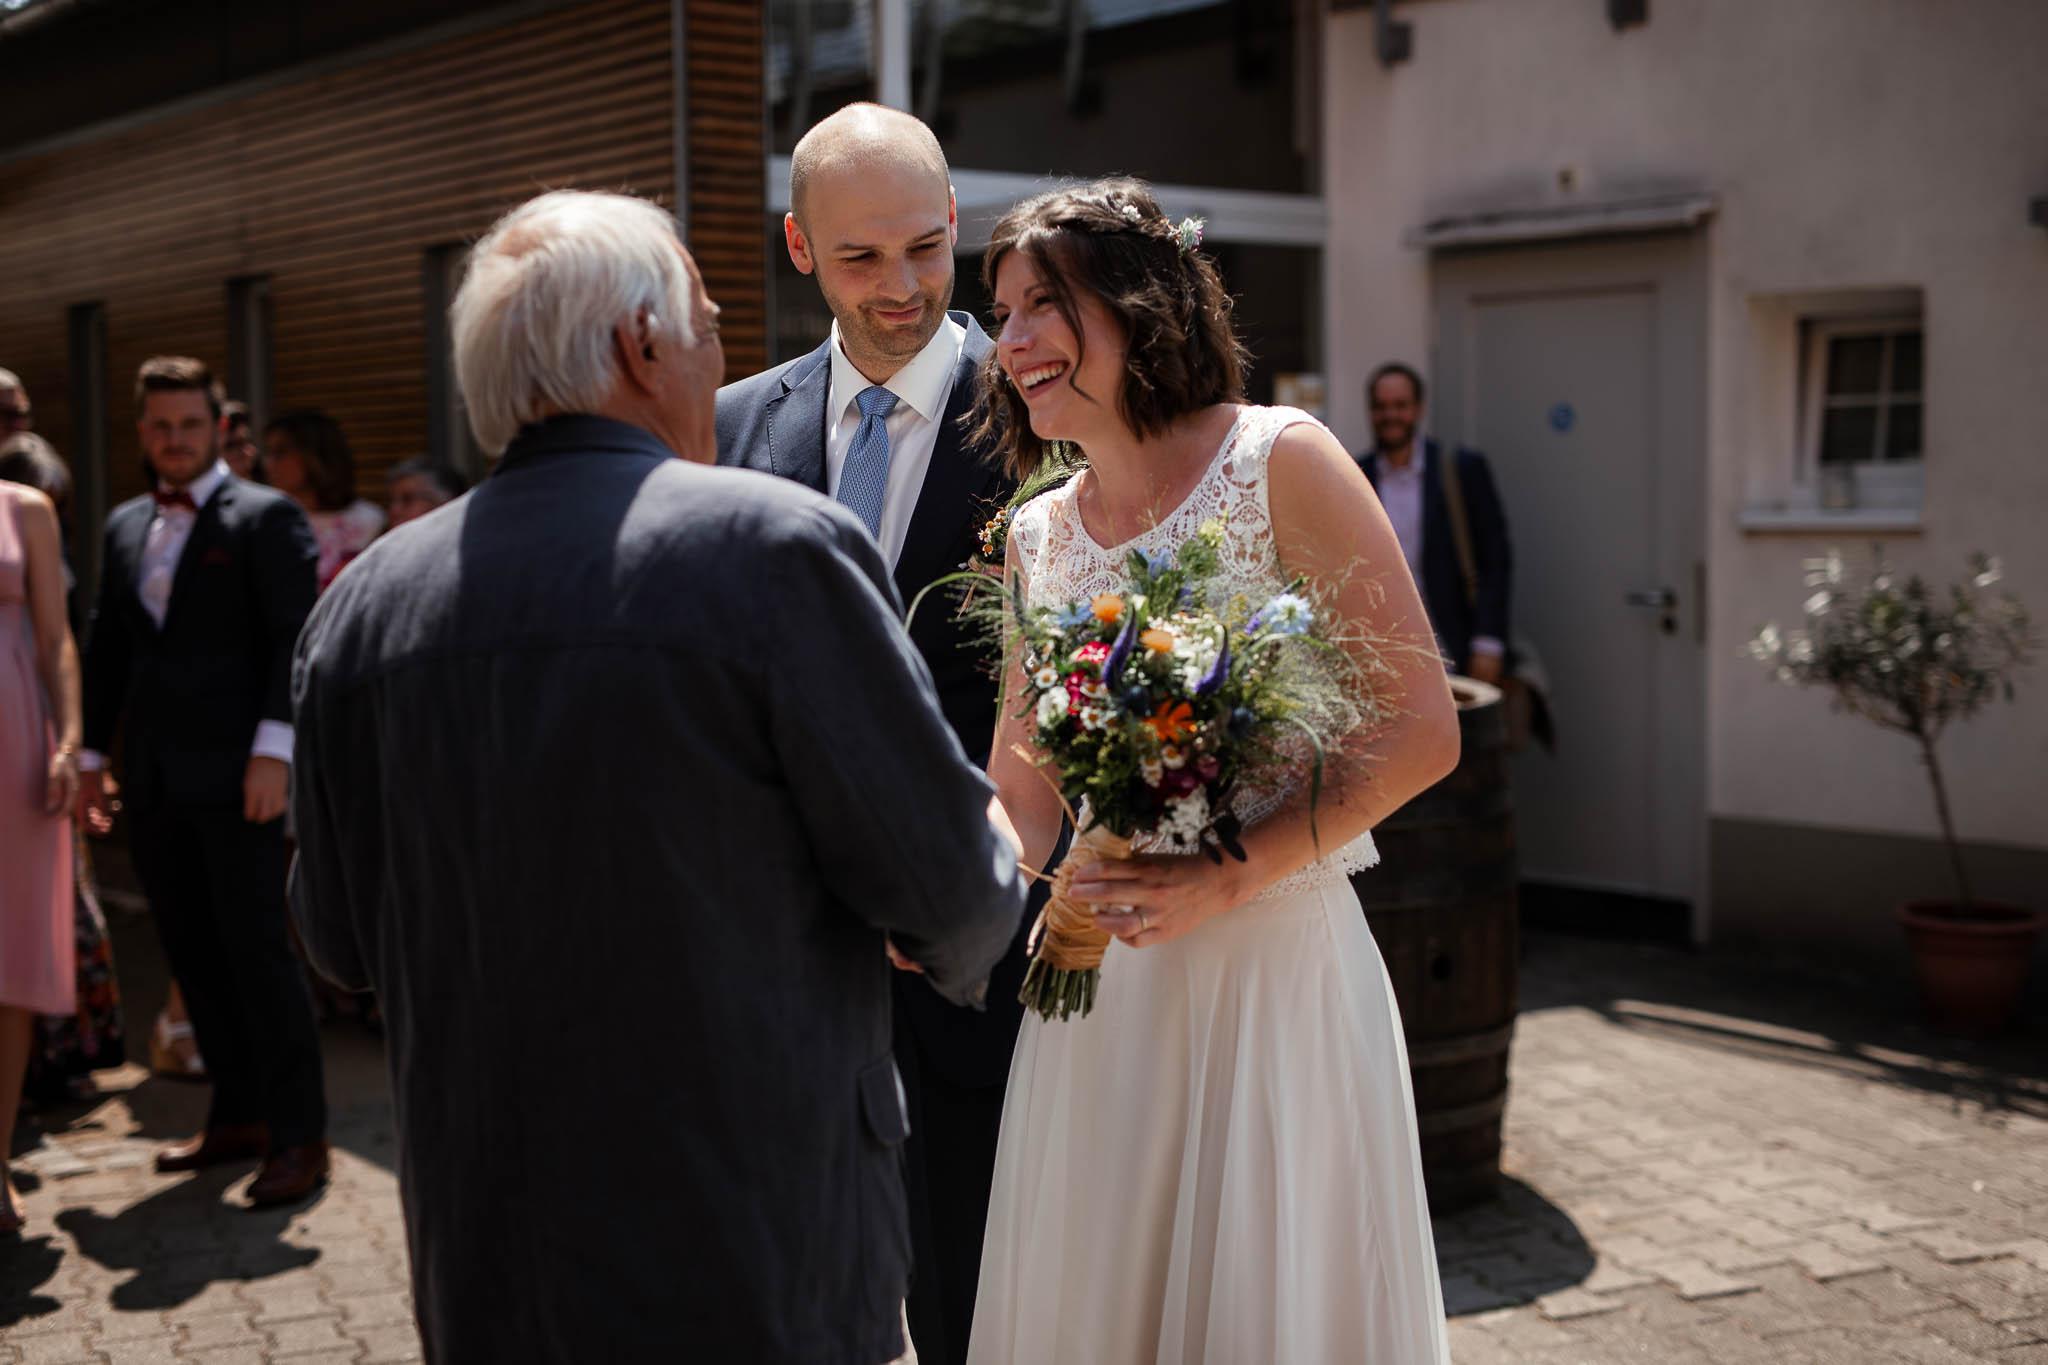 Hochzeitsfotograf Guntersblum, Domhof - Hochzeit von Ina & Johannes 11